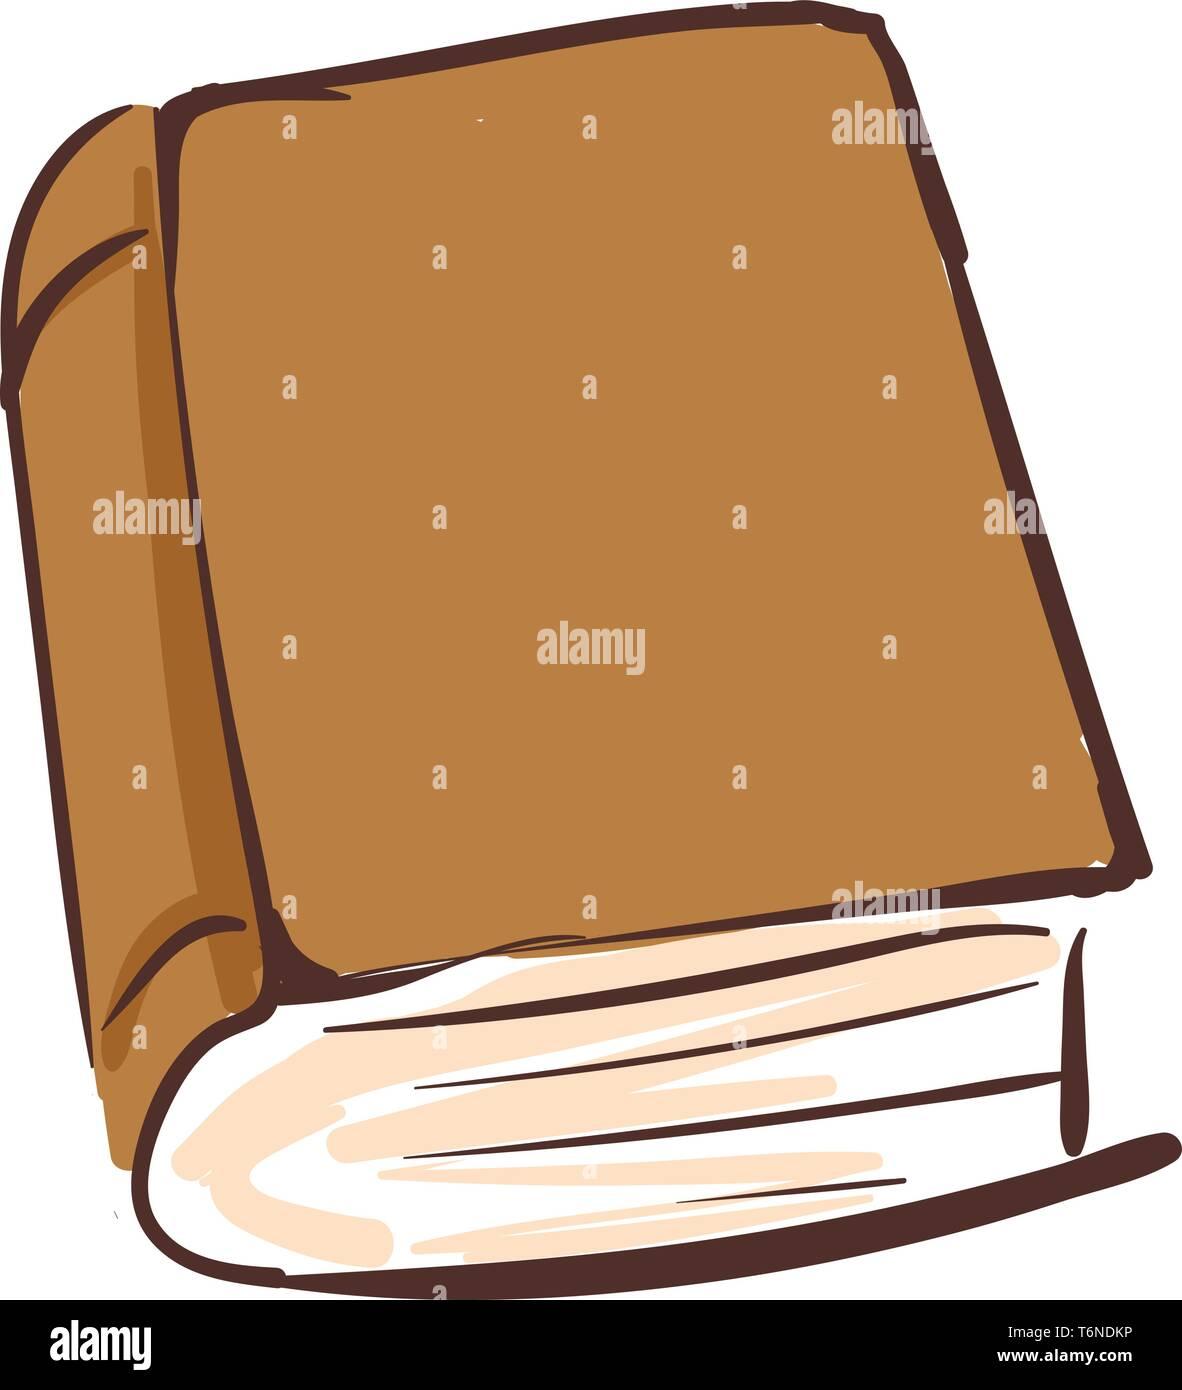 Dessin D Un Livre Brun Compose De Pages Cousues Le Long D Un